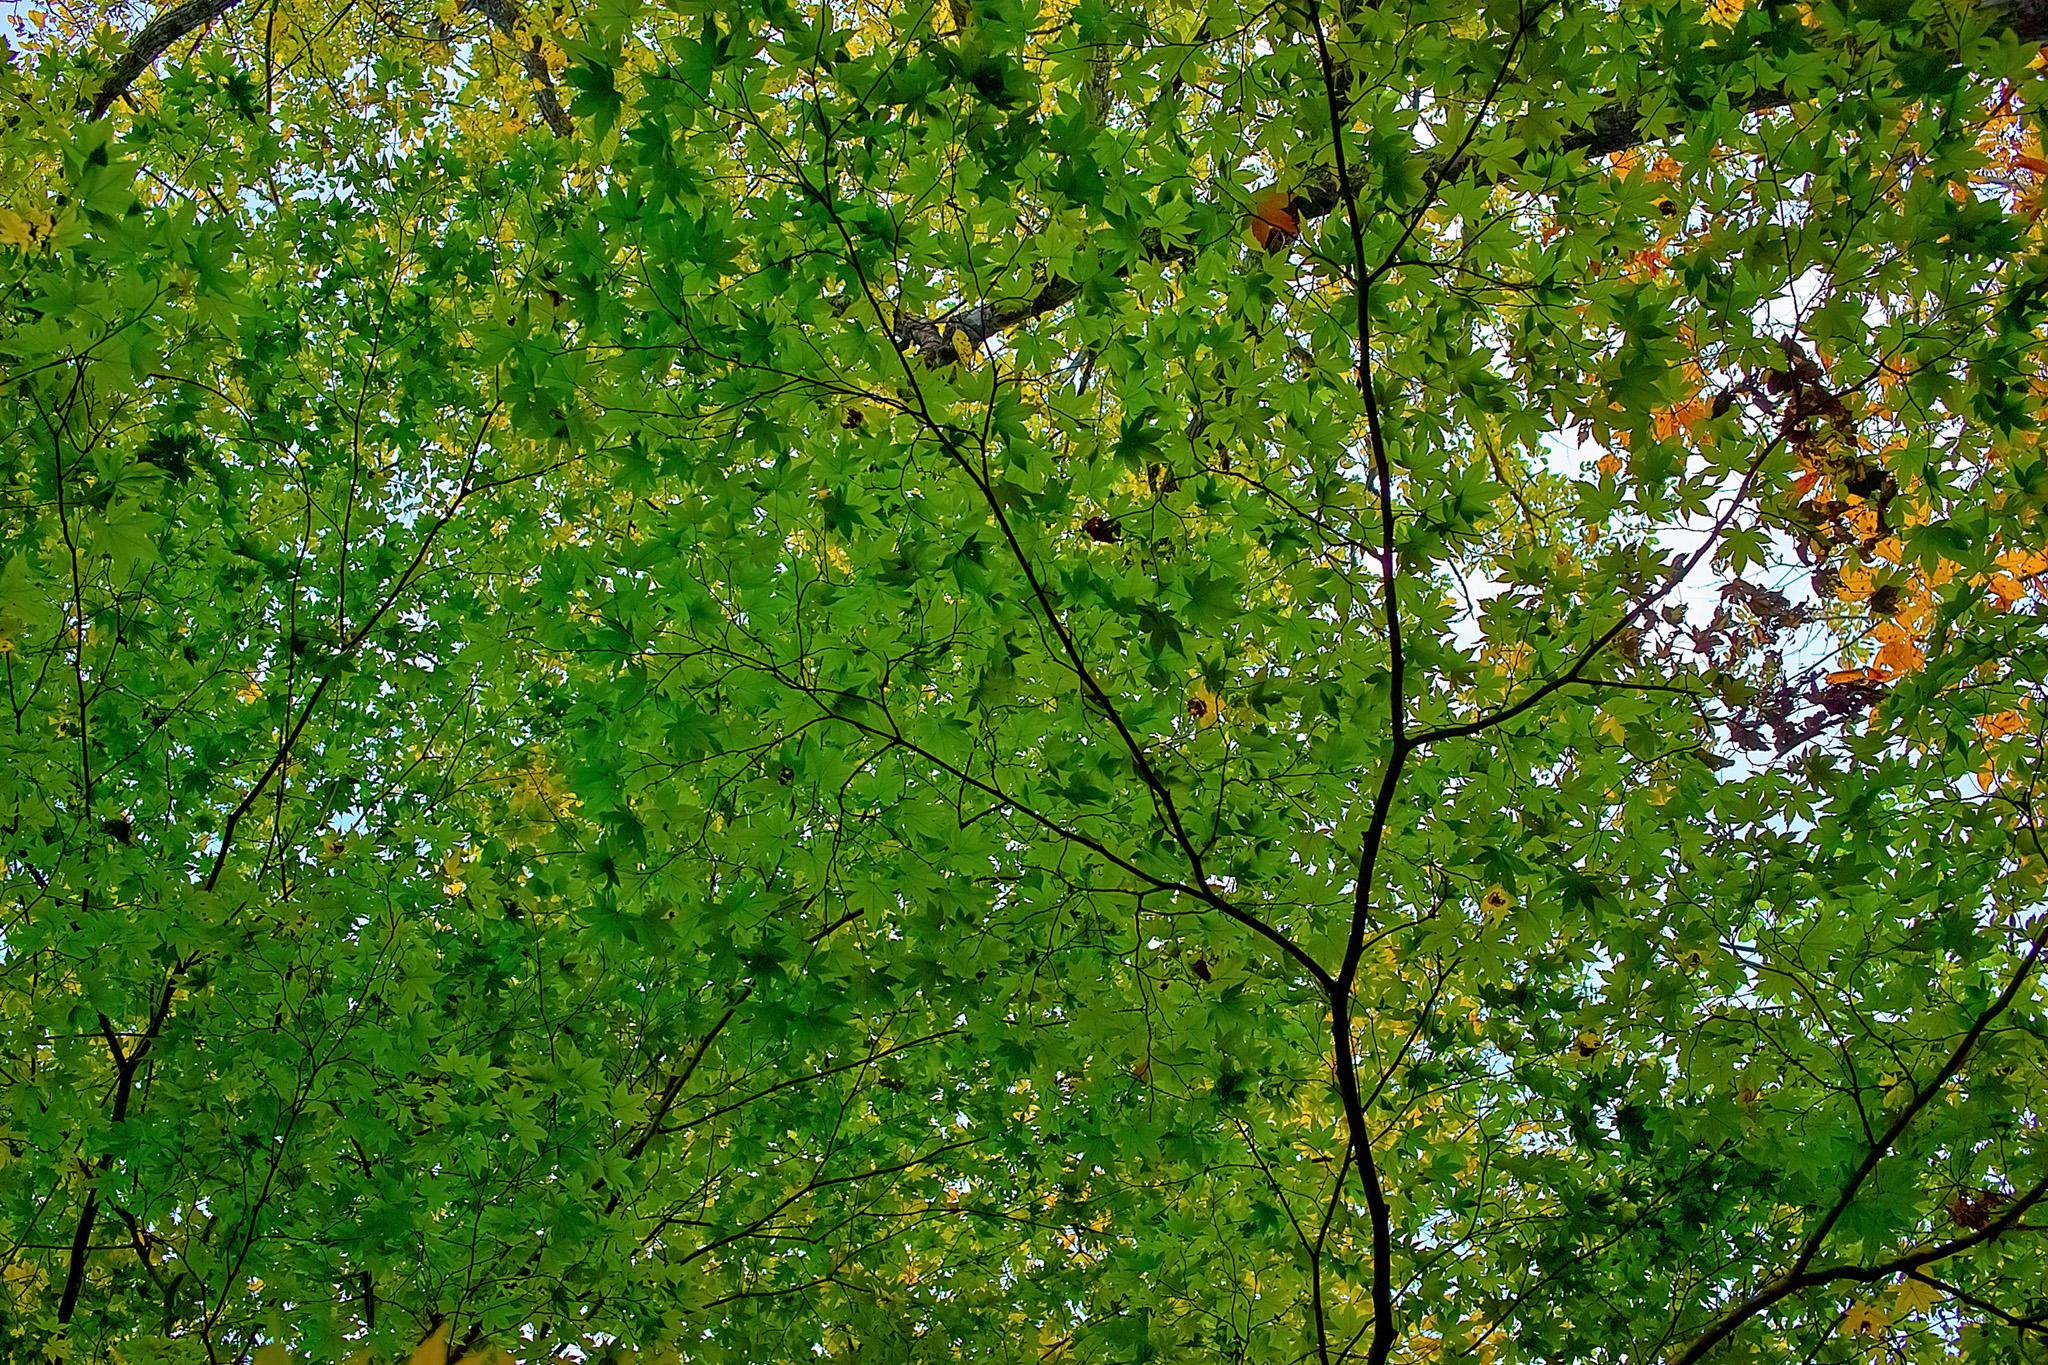 「一面を覆う緑のヤマモミジの葉」の素材を無料ダウンロード